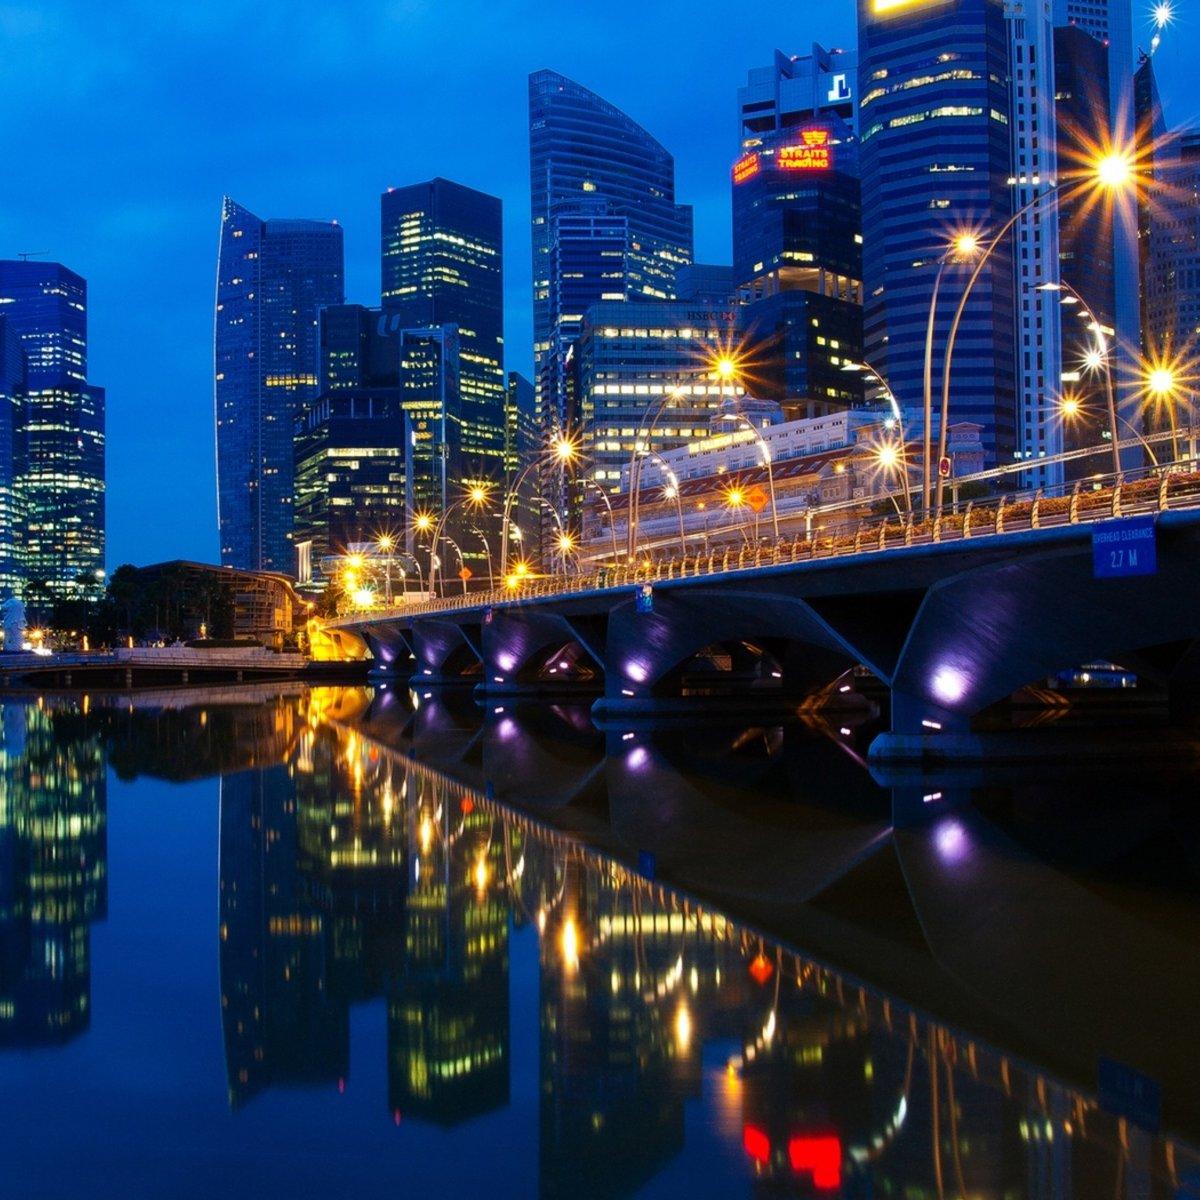 быть картинки ночного города на телефон бонсая является сложным